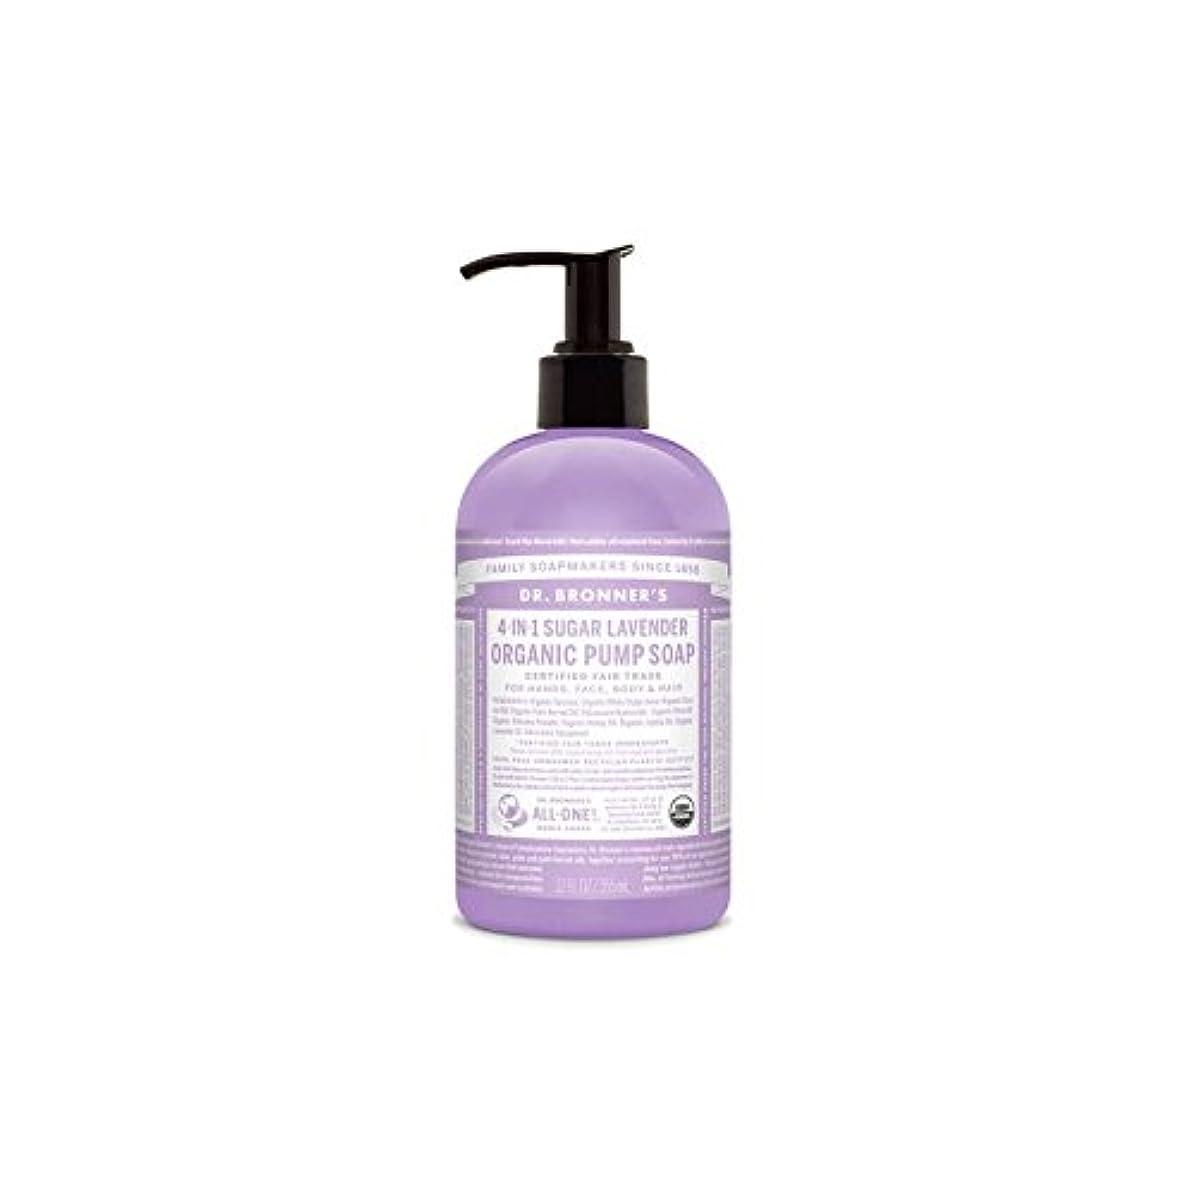 持続的まだユーザーブロナー有機ラベンダーハンドソープ(355ミリリットル) x2 - Dr. Bronner Organic Shikakai Lavender Hand Soap (355ml) (Pack of 2) [並行輸入品]